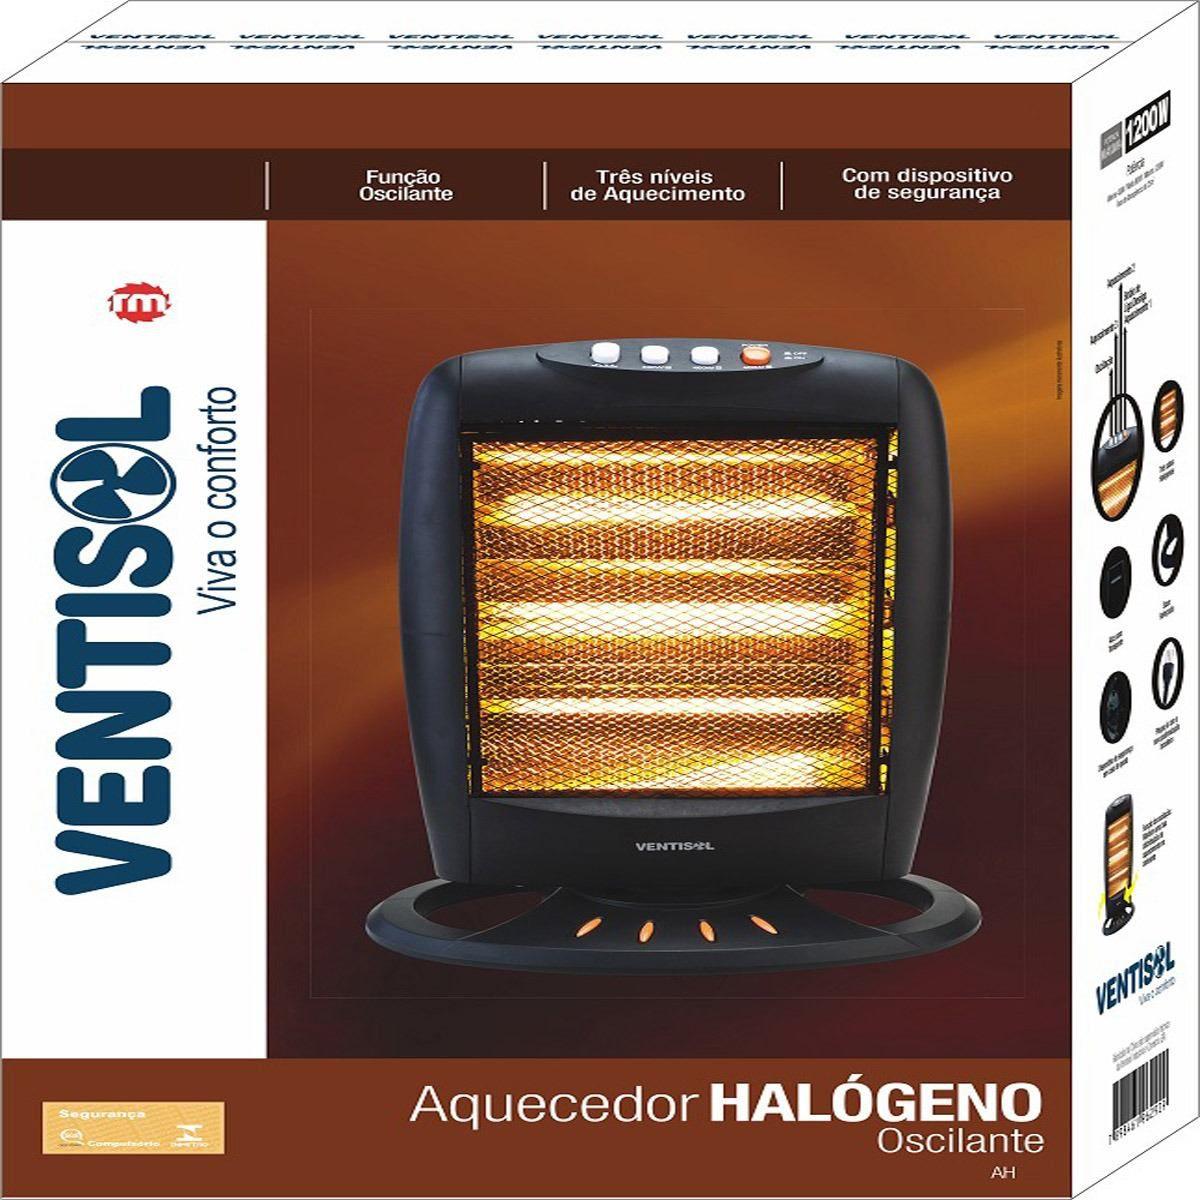 Aquecedor Eletrico Ventisol Halogeno Ah-01 Premium